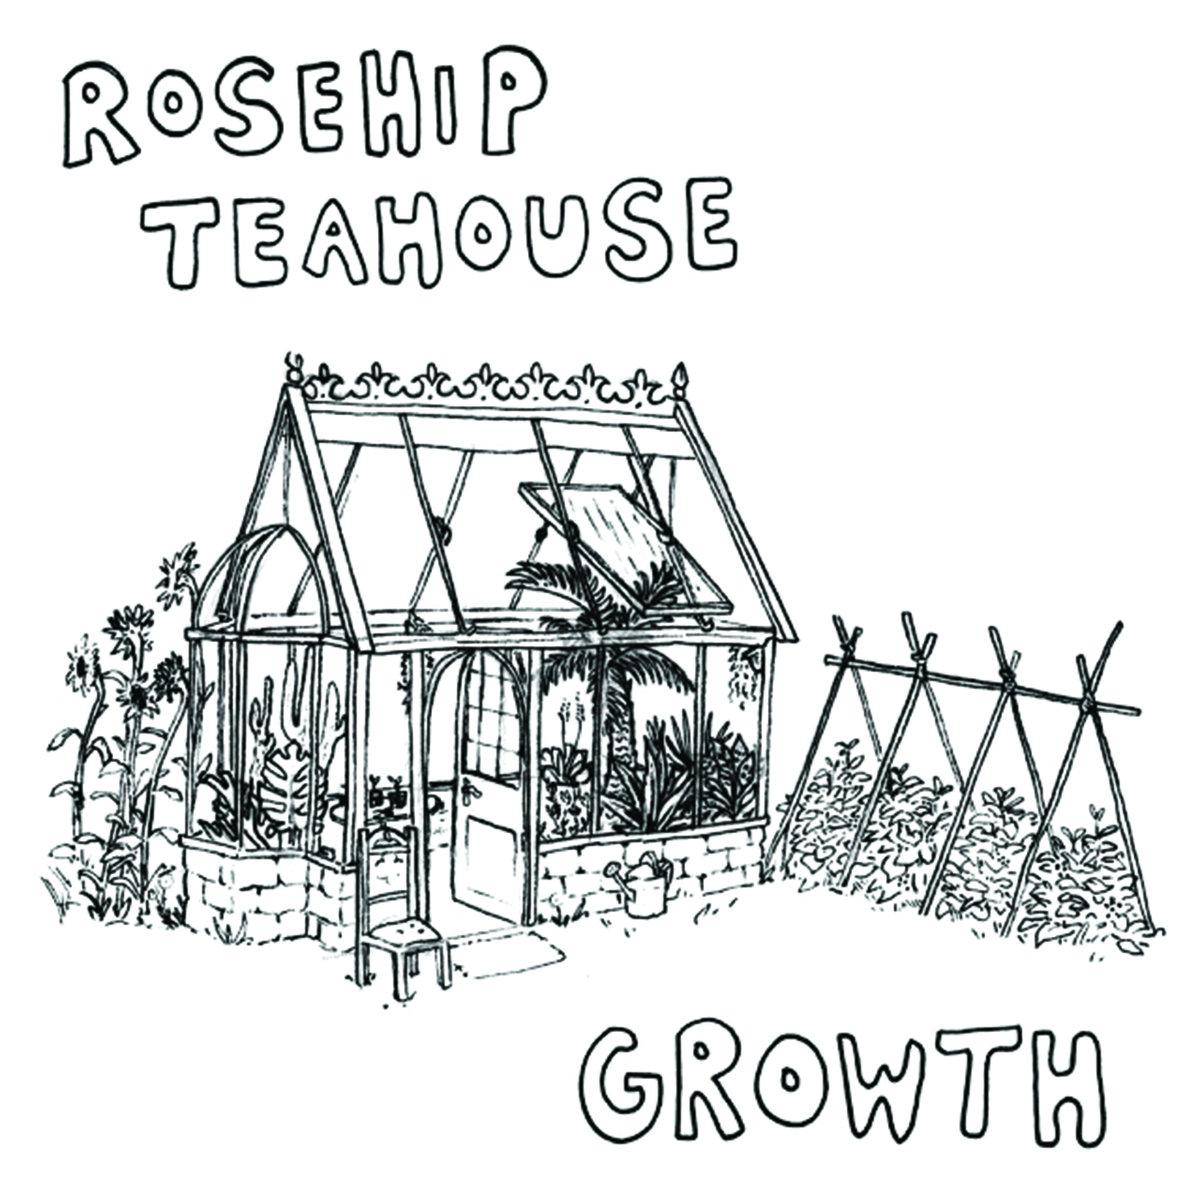 Rosehip Teahouse - Growth 7